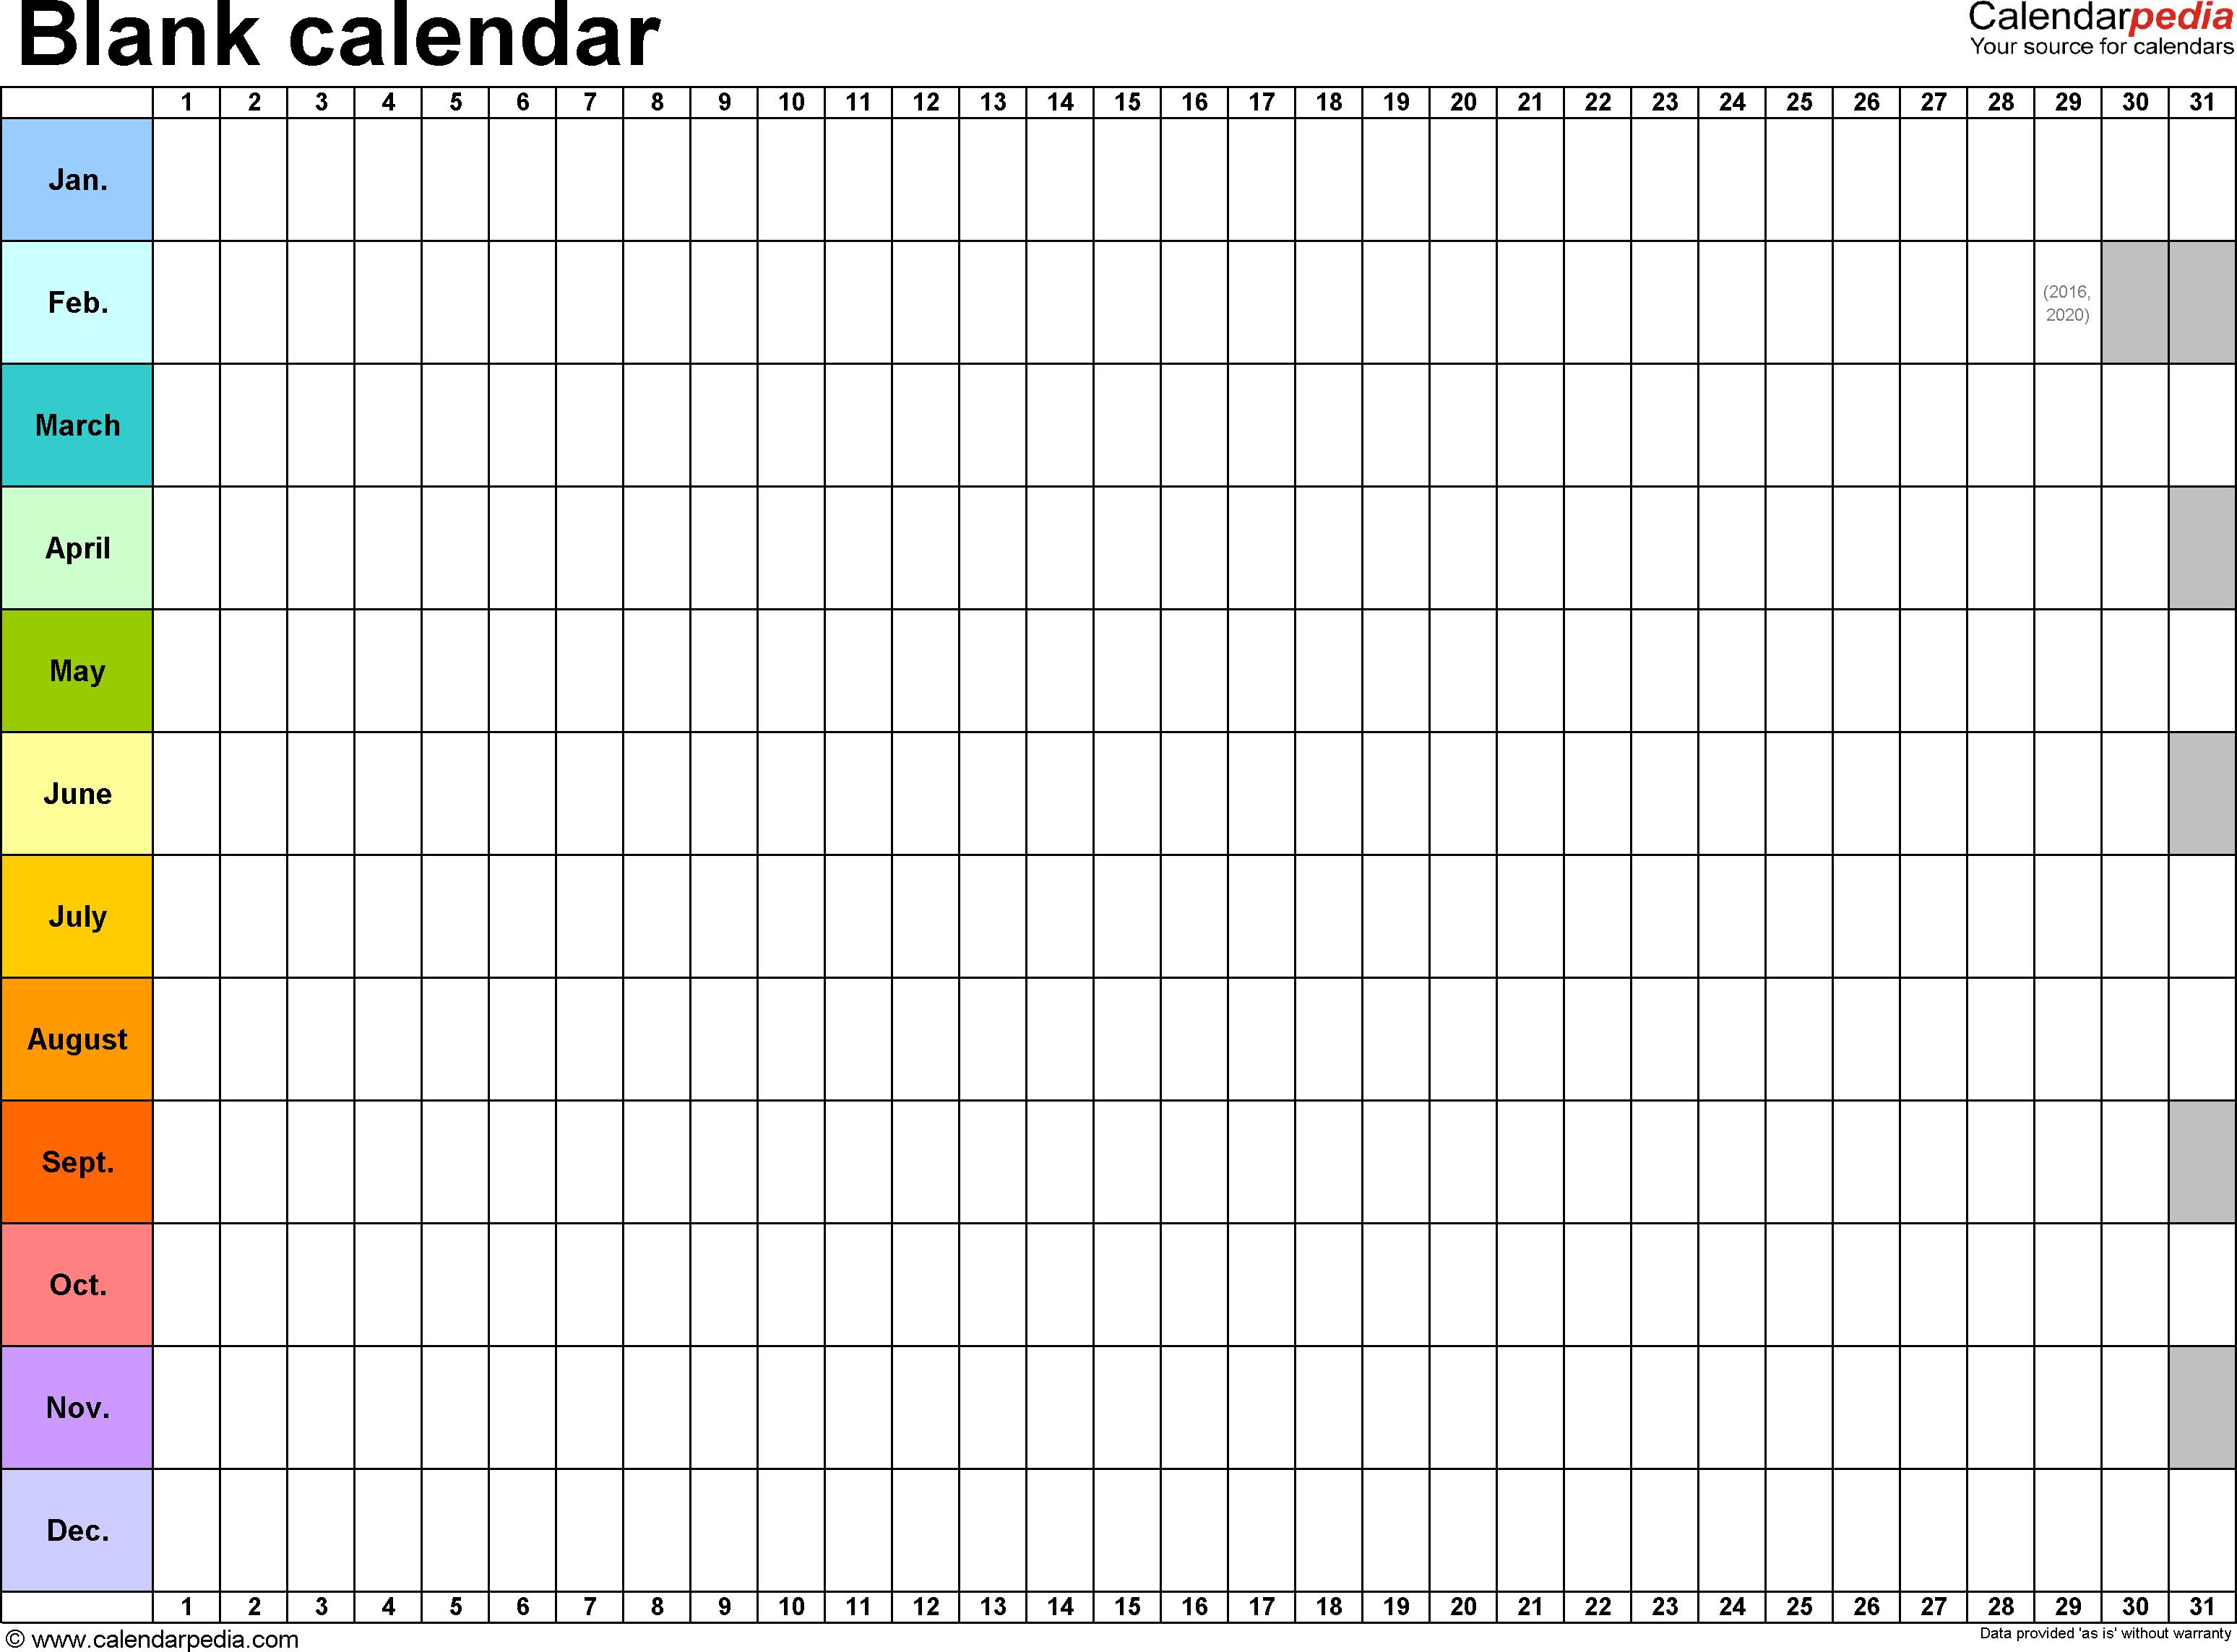 365 Day Calendar Template  Topa.mastersathletics.co regarding 365 Day Countdown Calendar